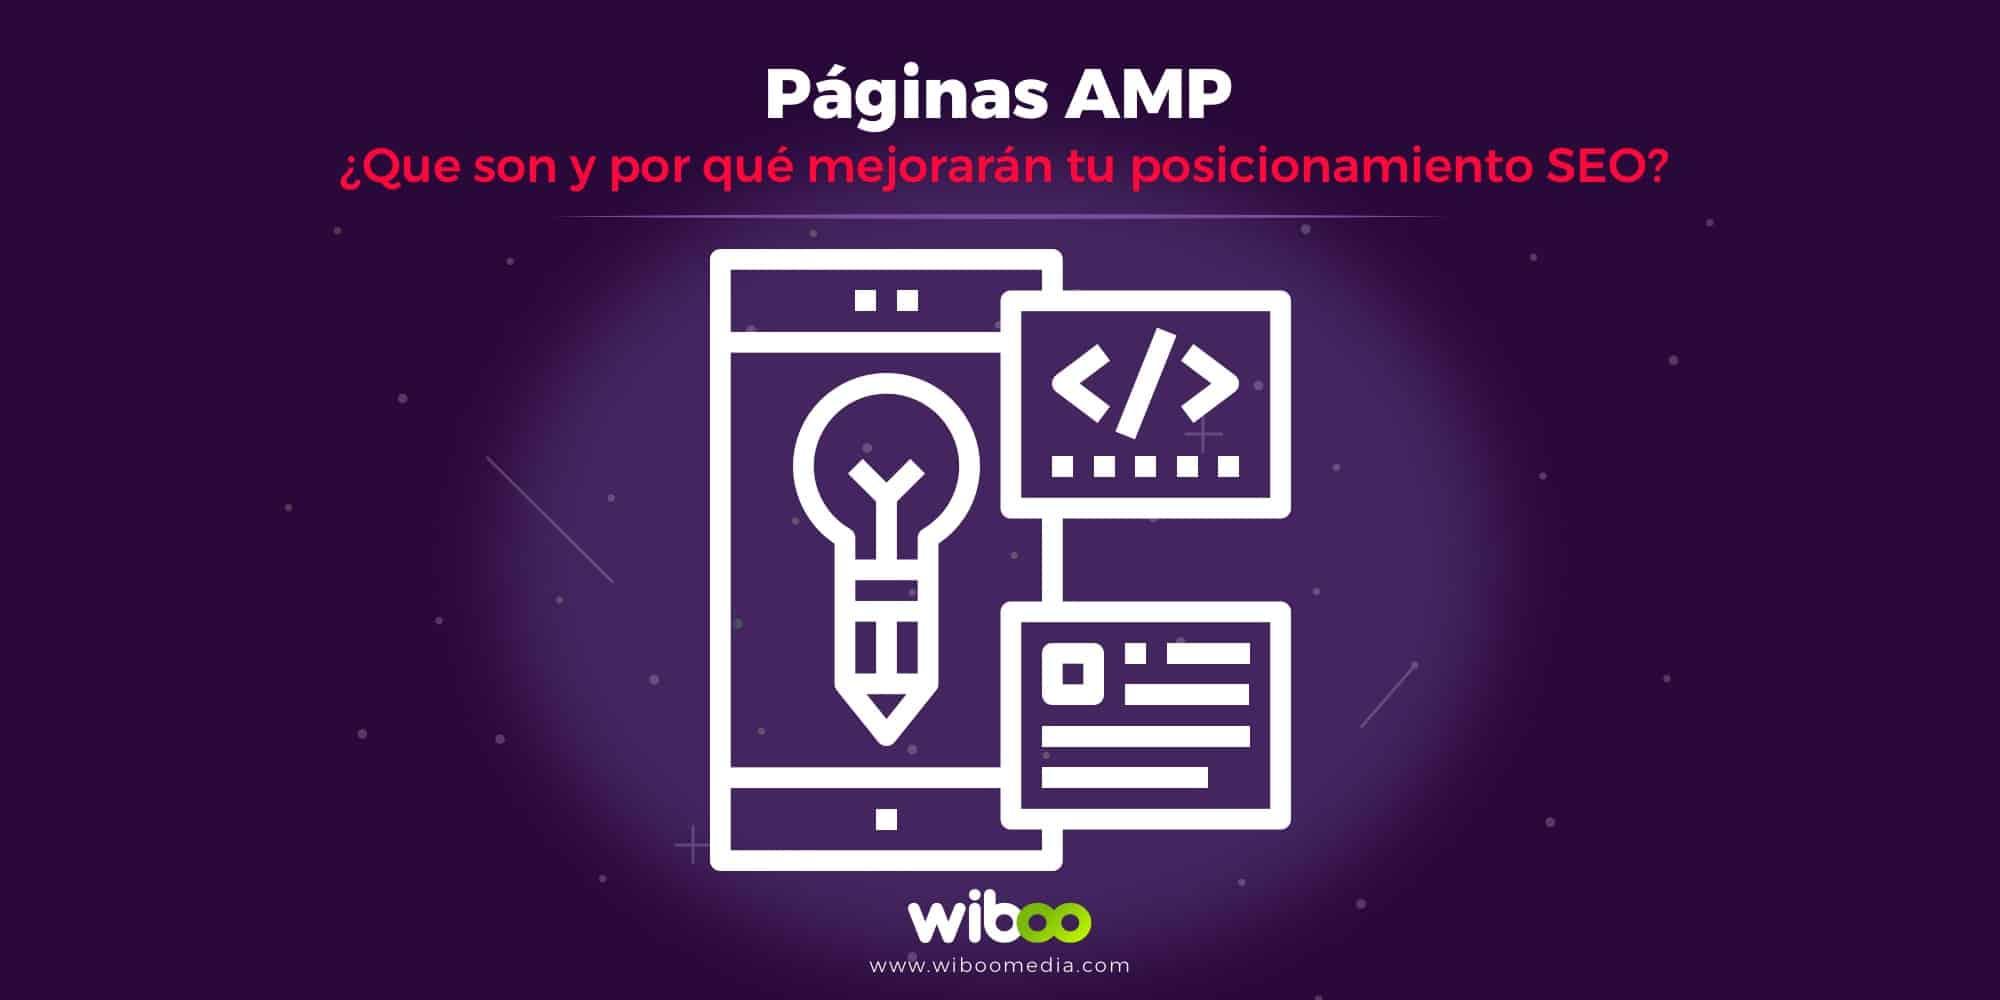 Paginas AMP